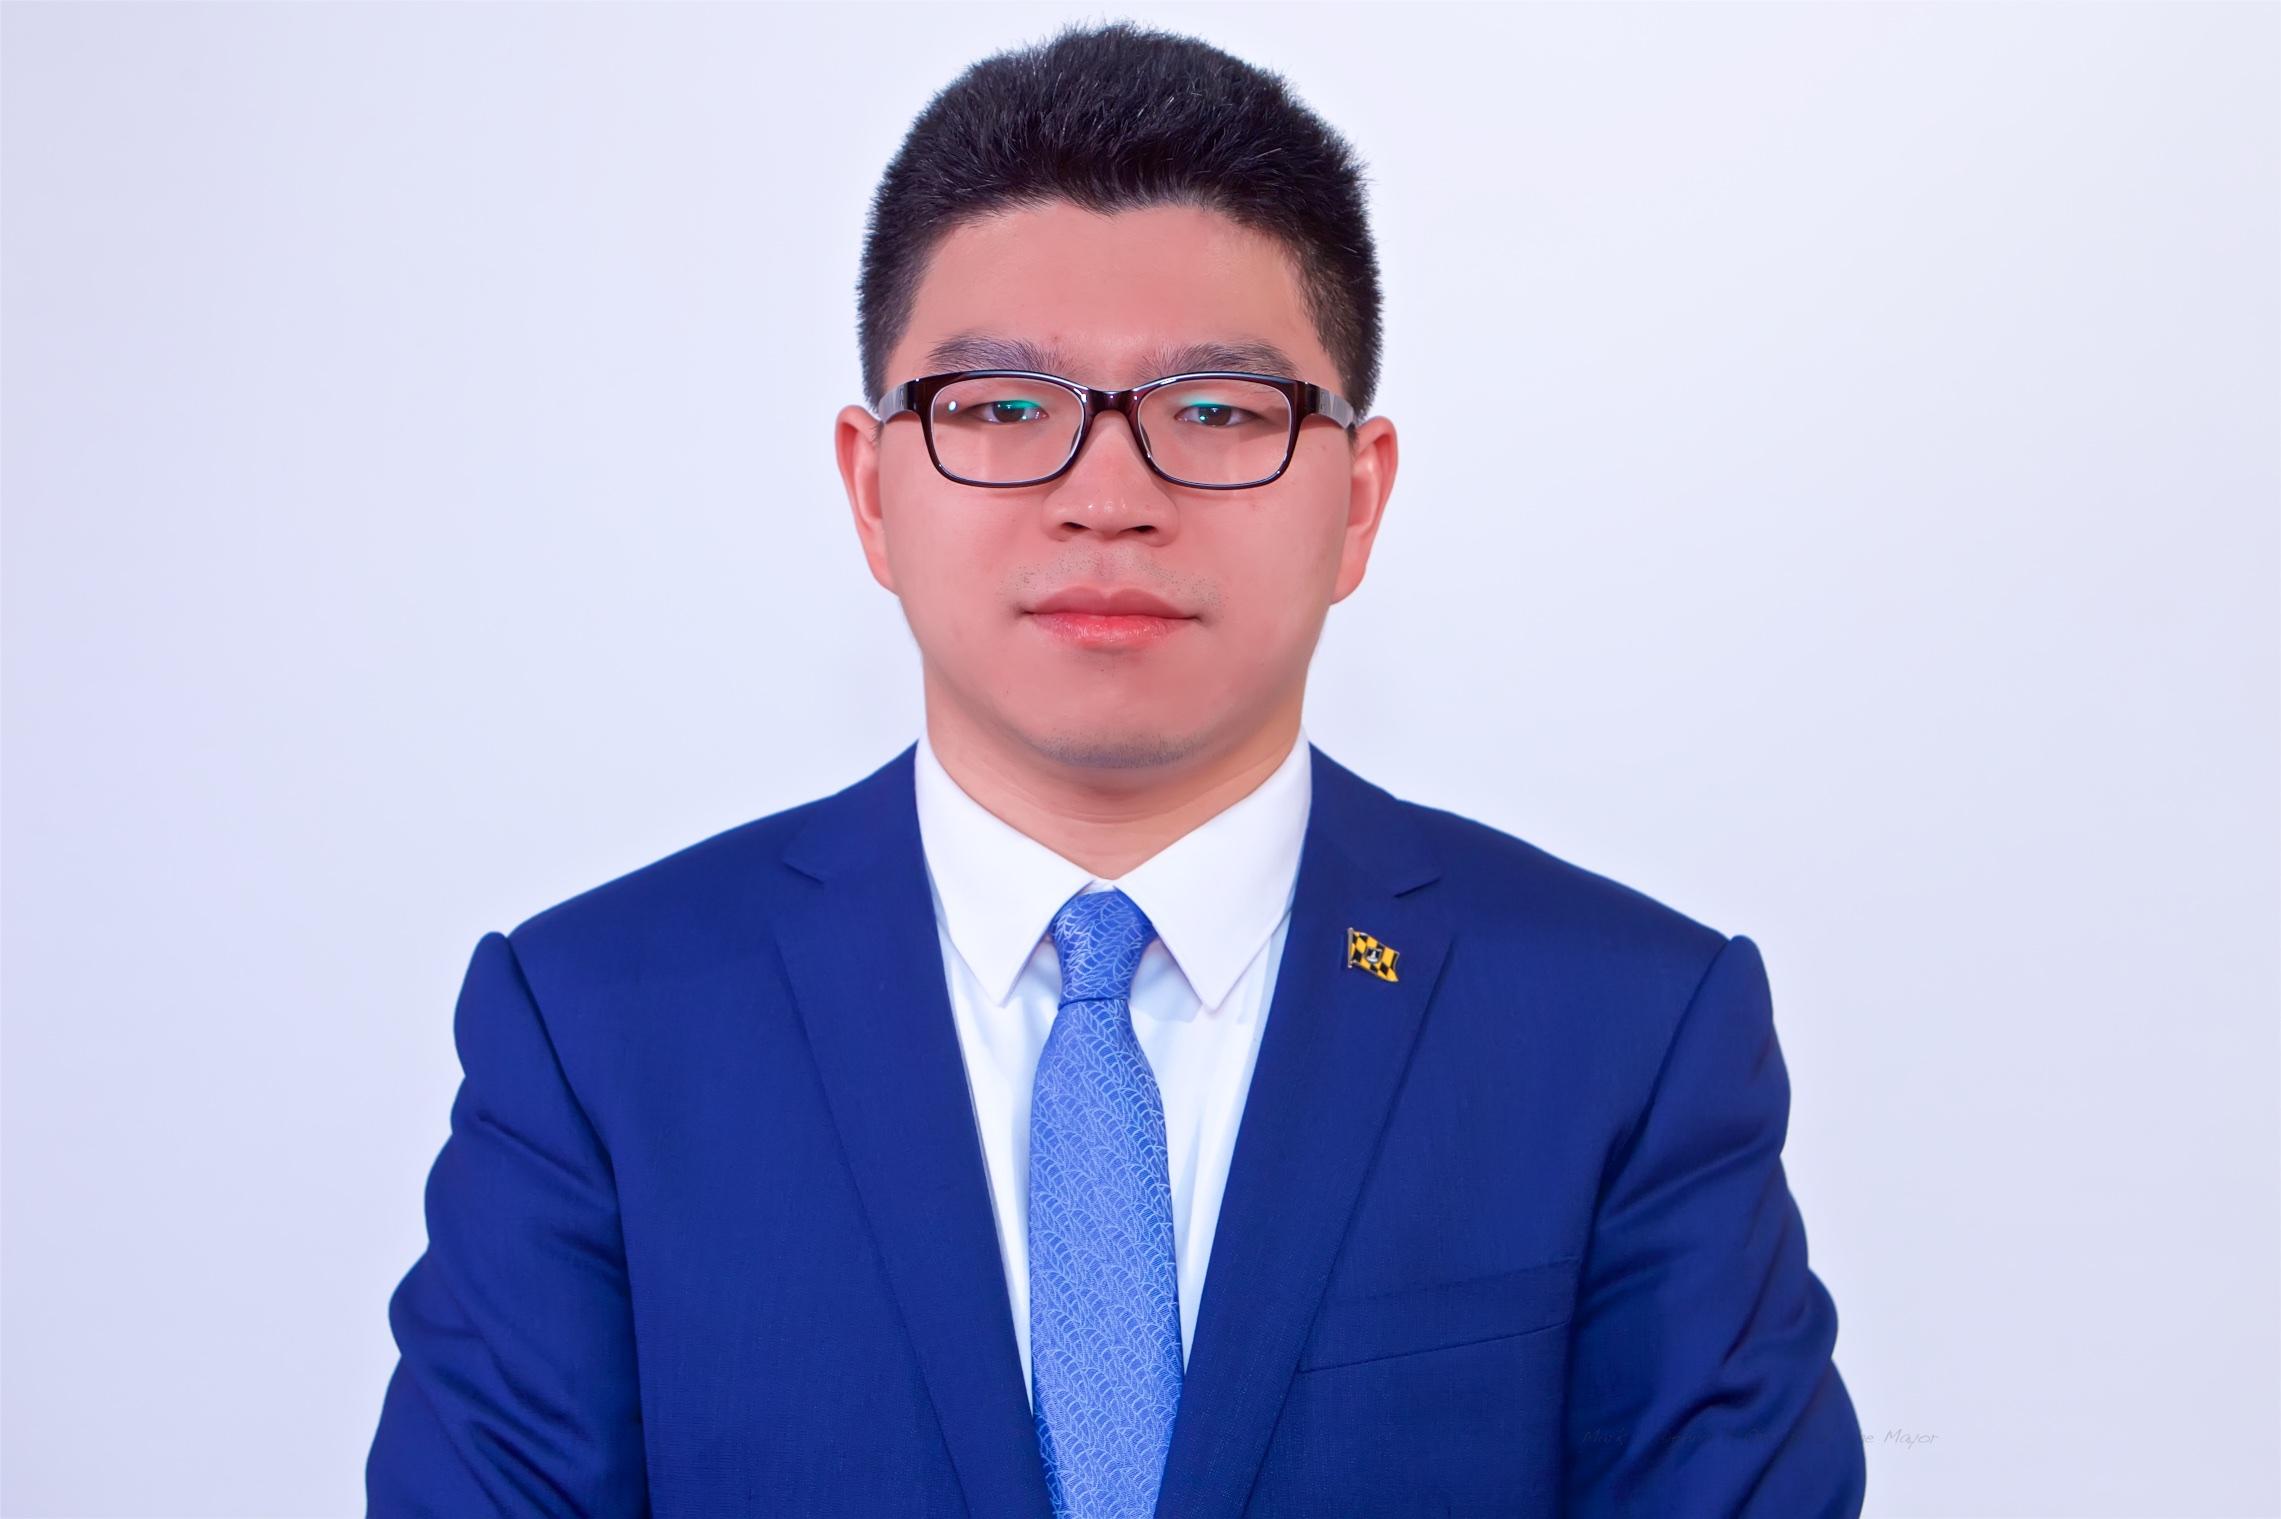 Jia Zhu